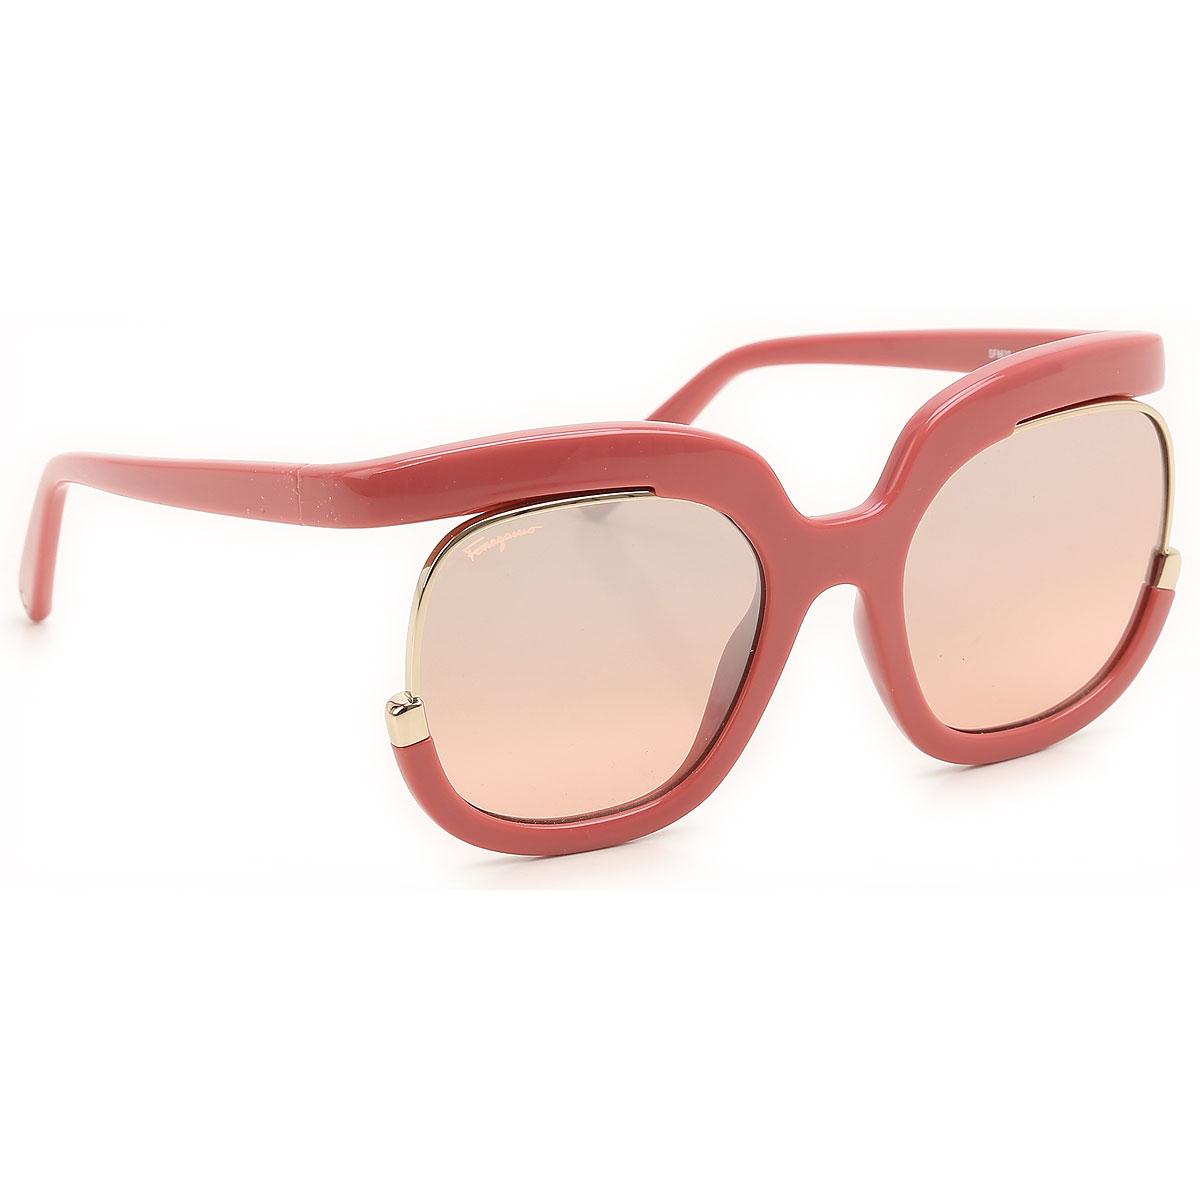 5a02e8c428e Salvatore Ferragamo. Sunglasses